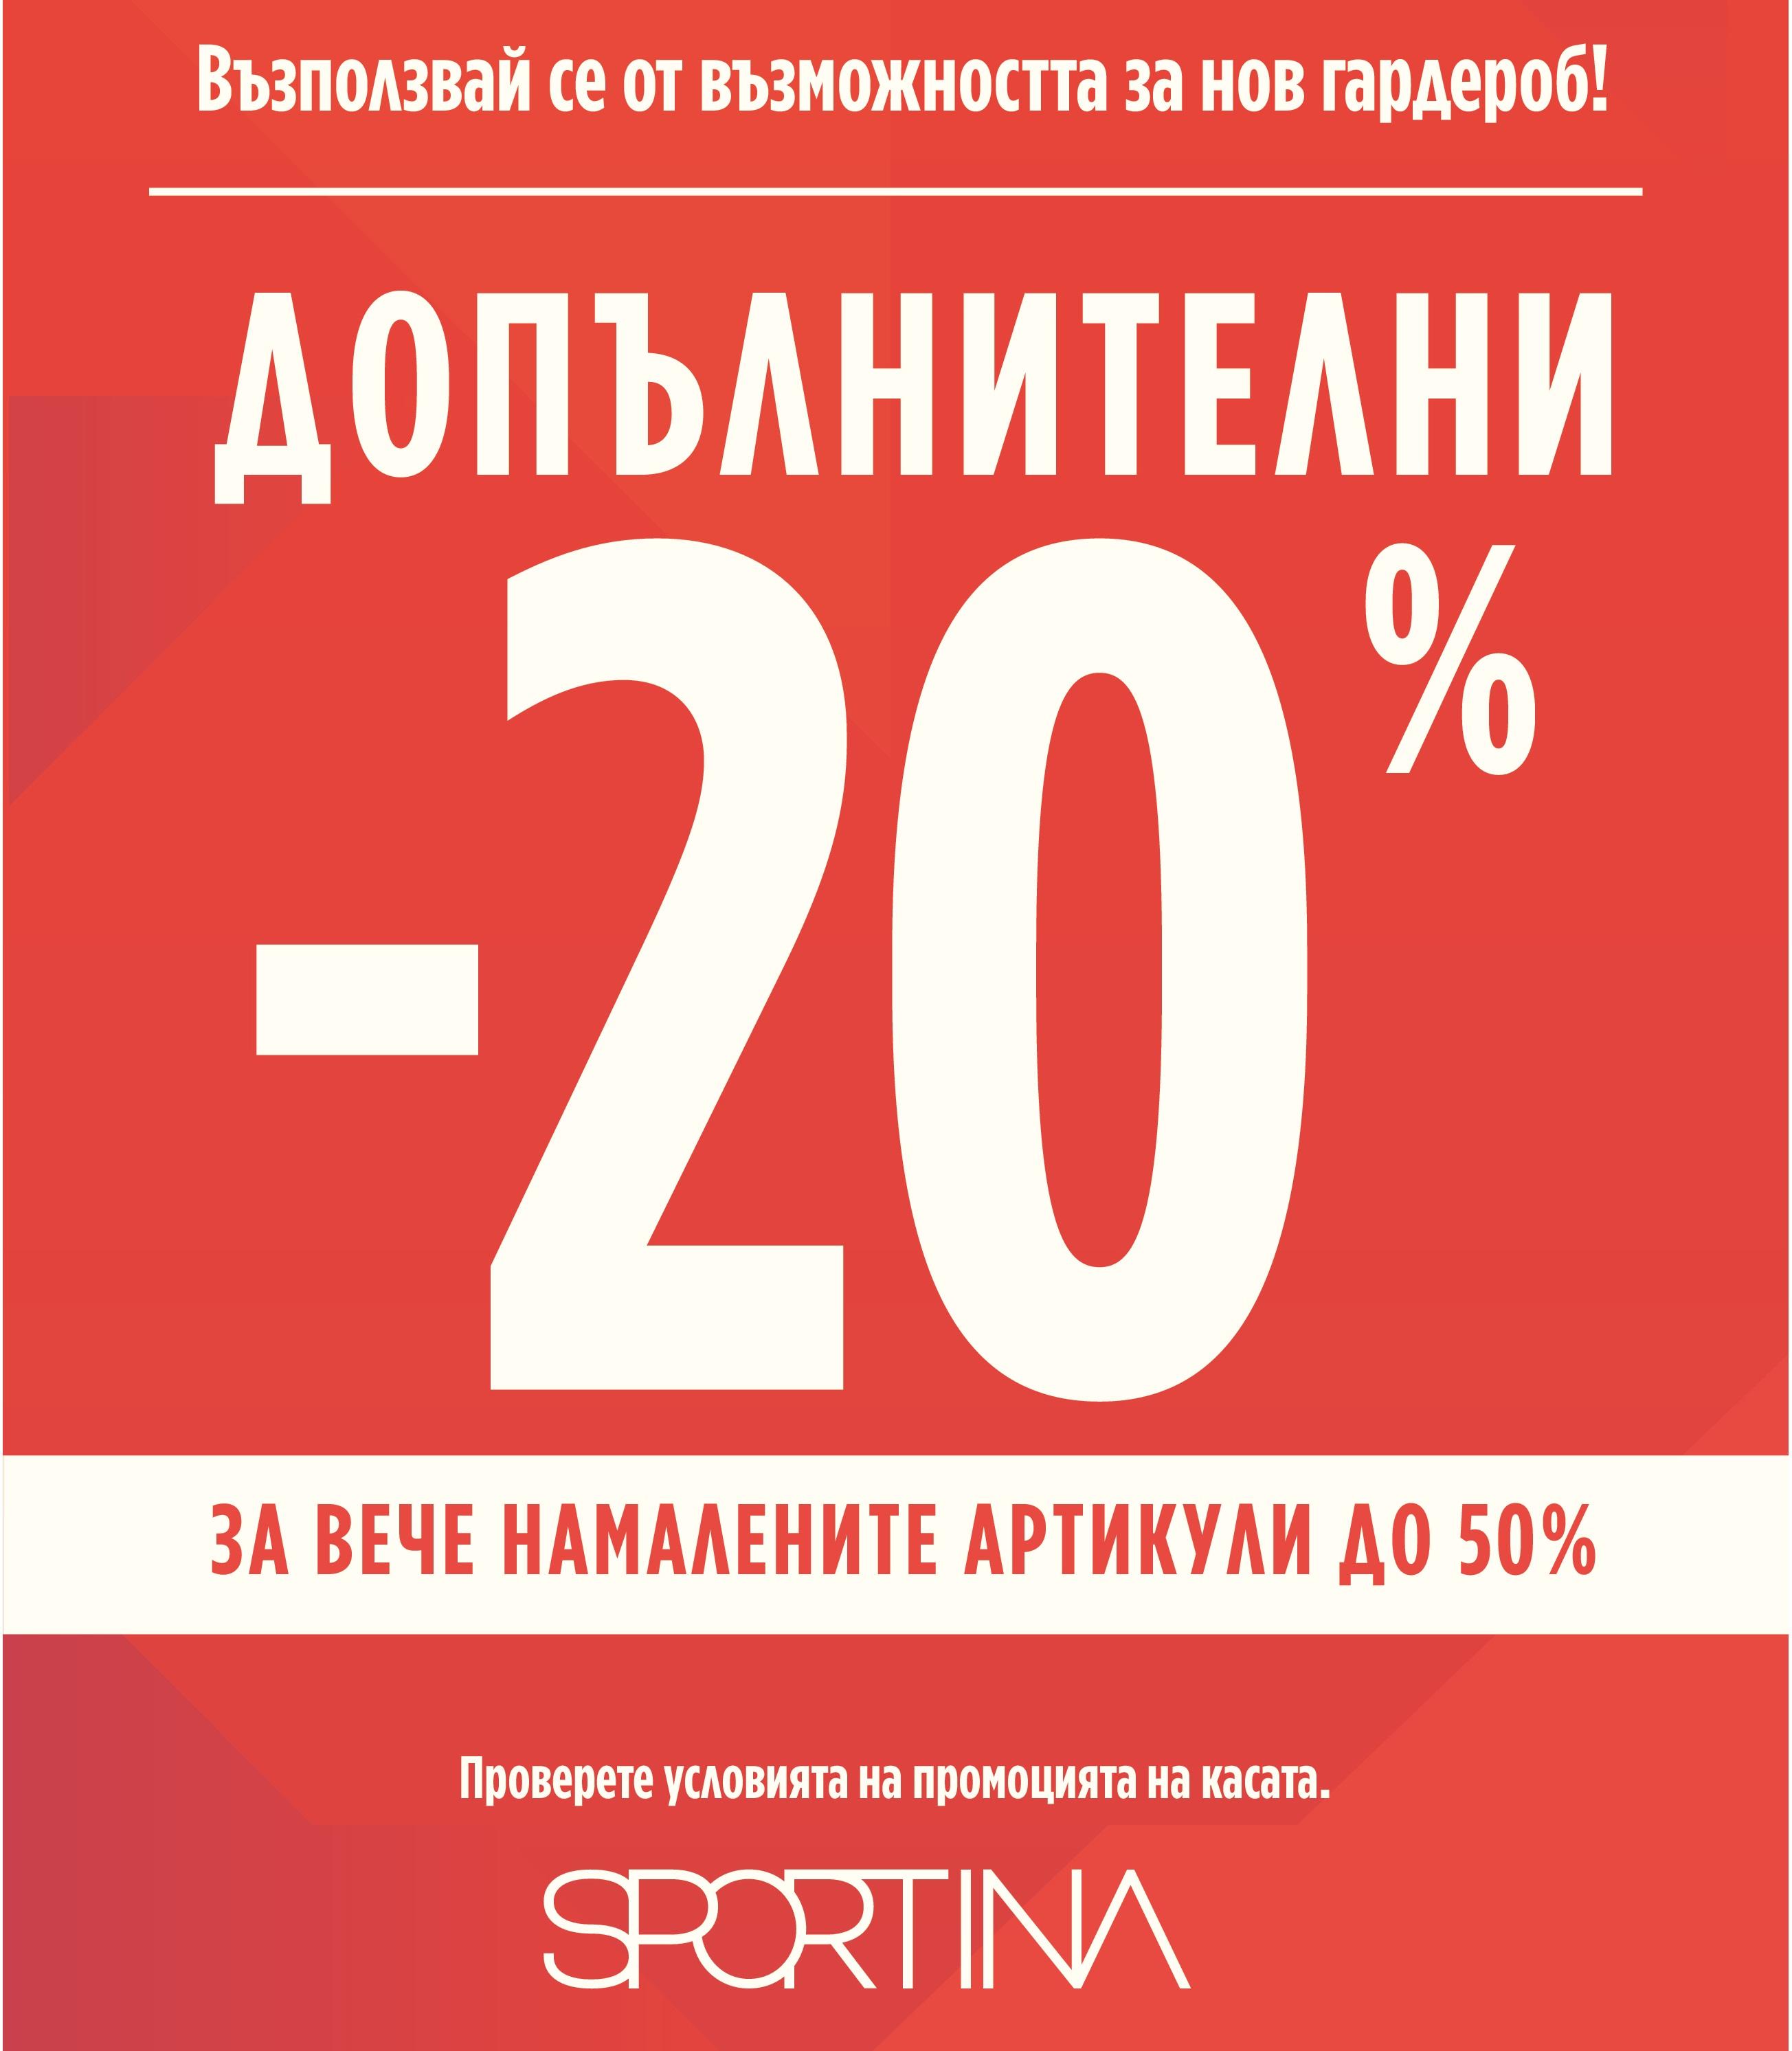 5a77537944d Обнови гардероба си с отстъпките в Sportina - Mall Plovdiv